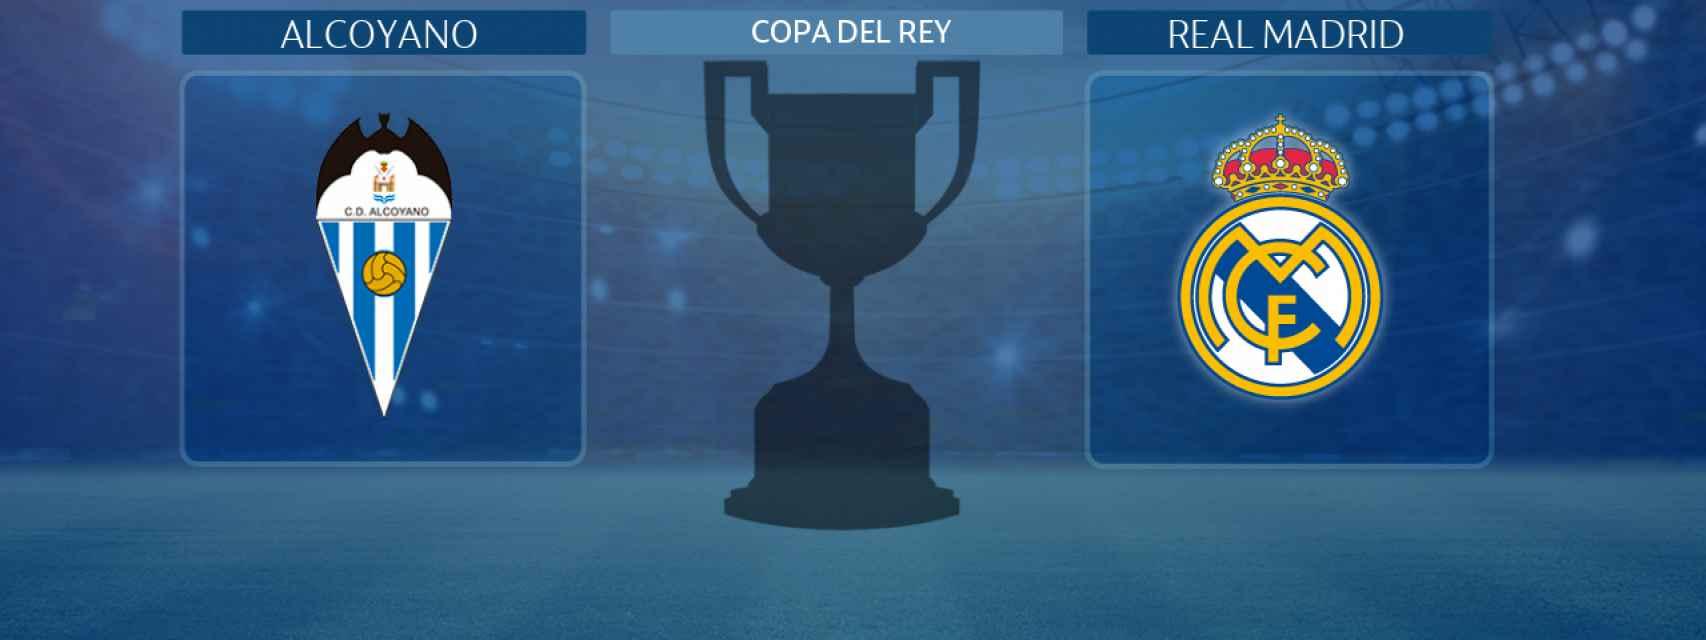 Alcoyano - Real Madrid, partido de la Copa del Rey